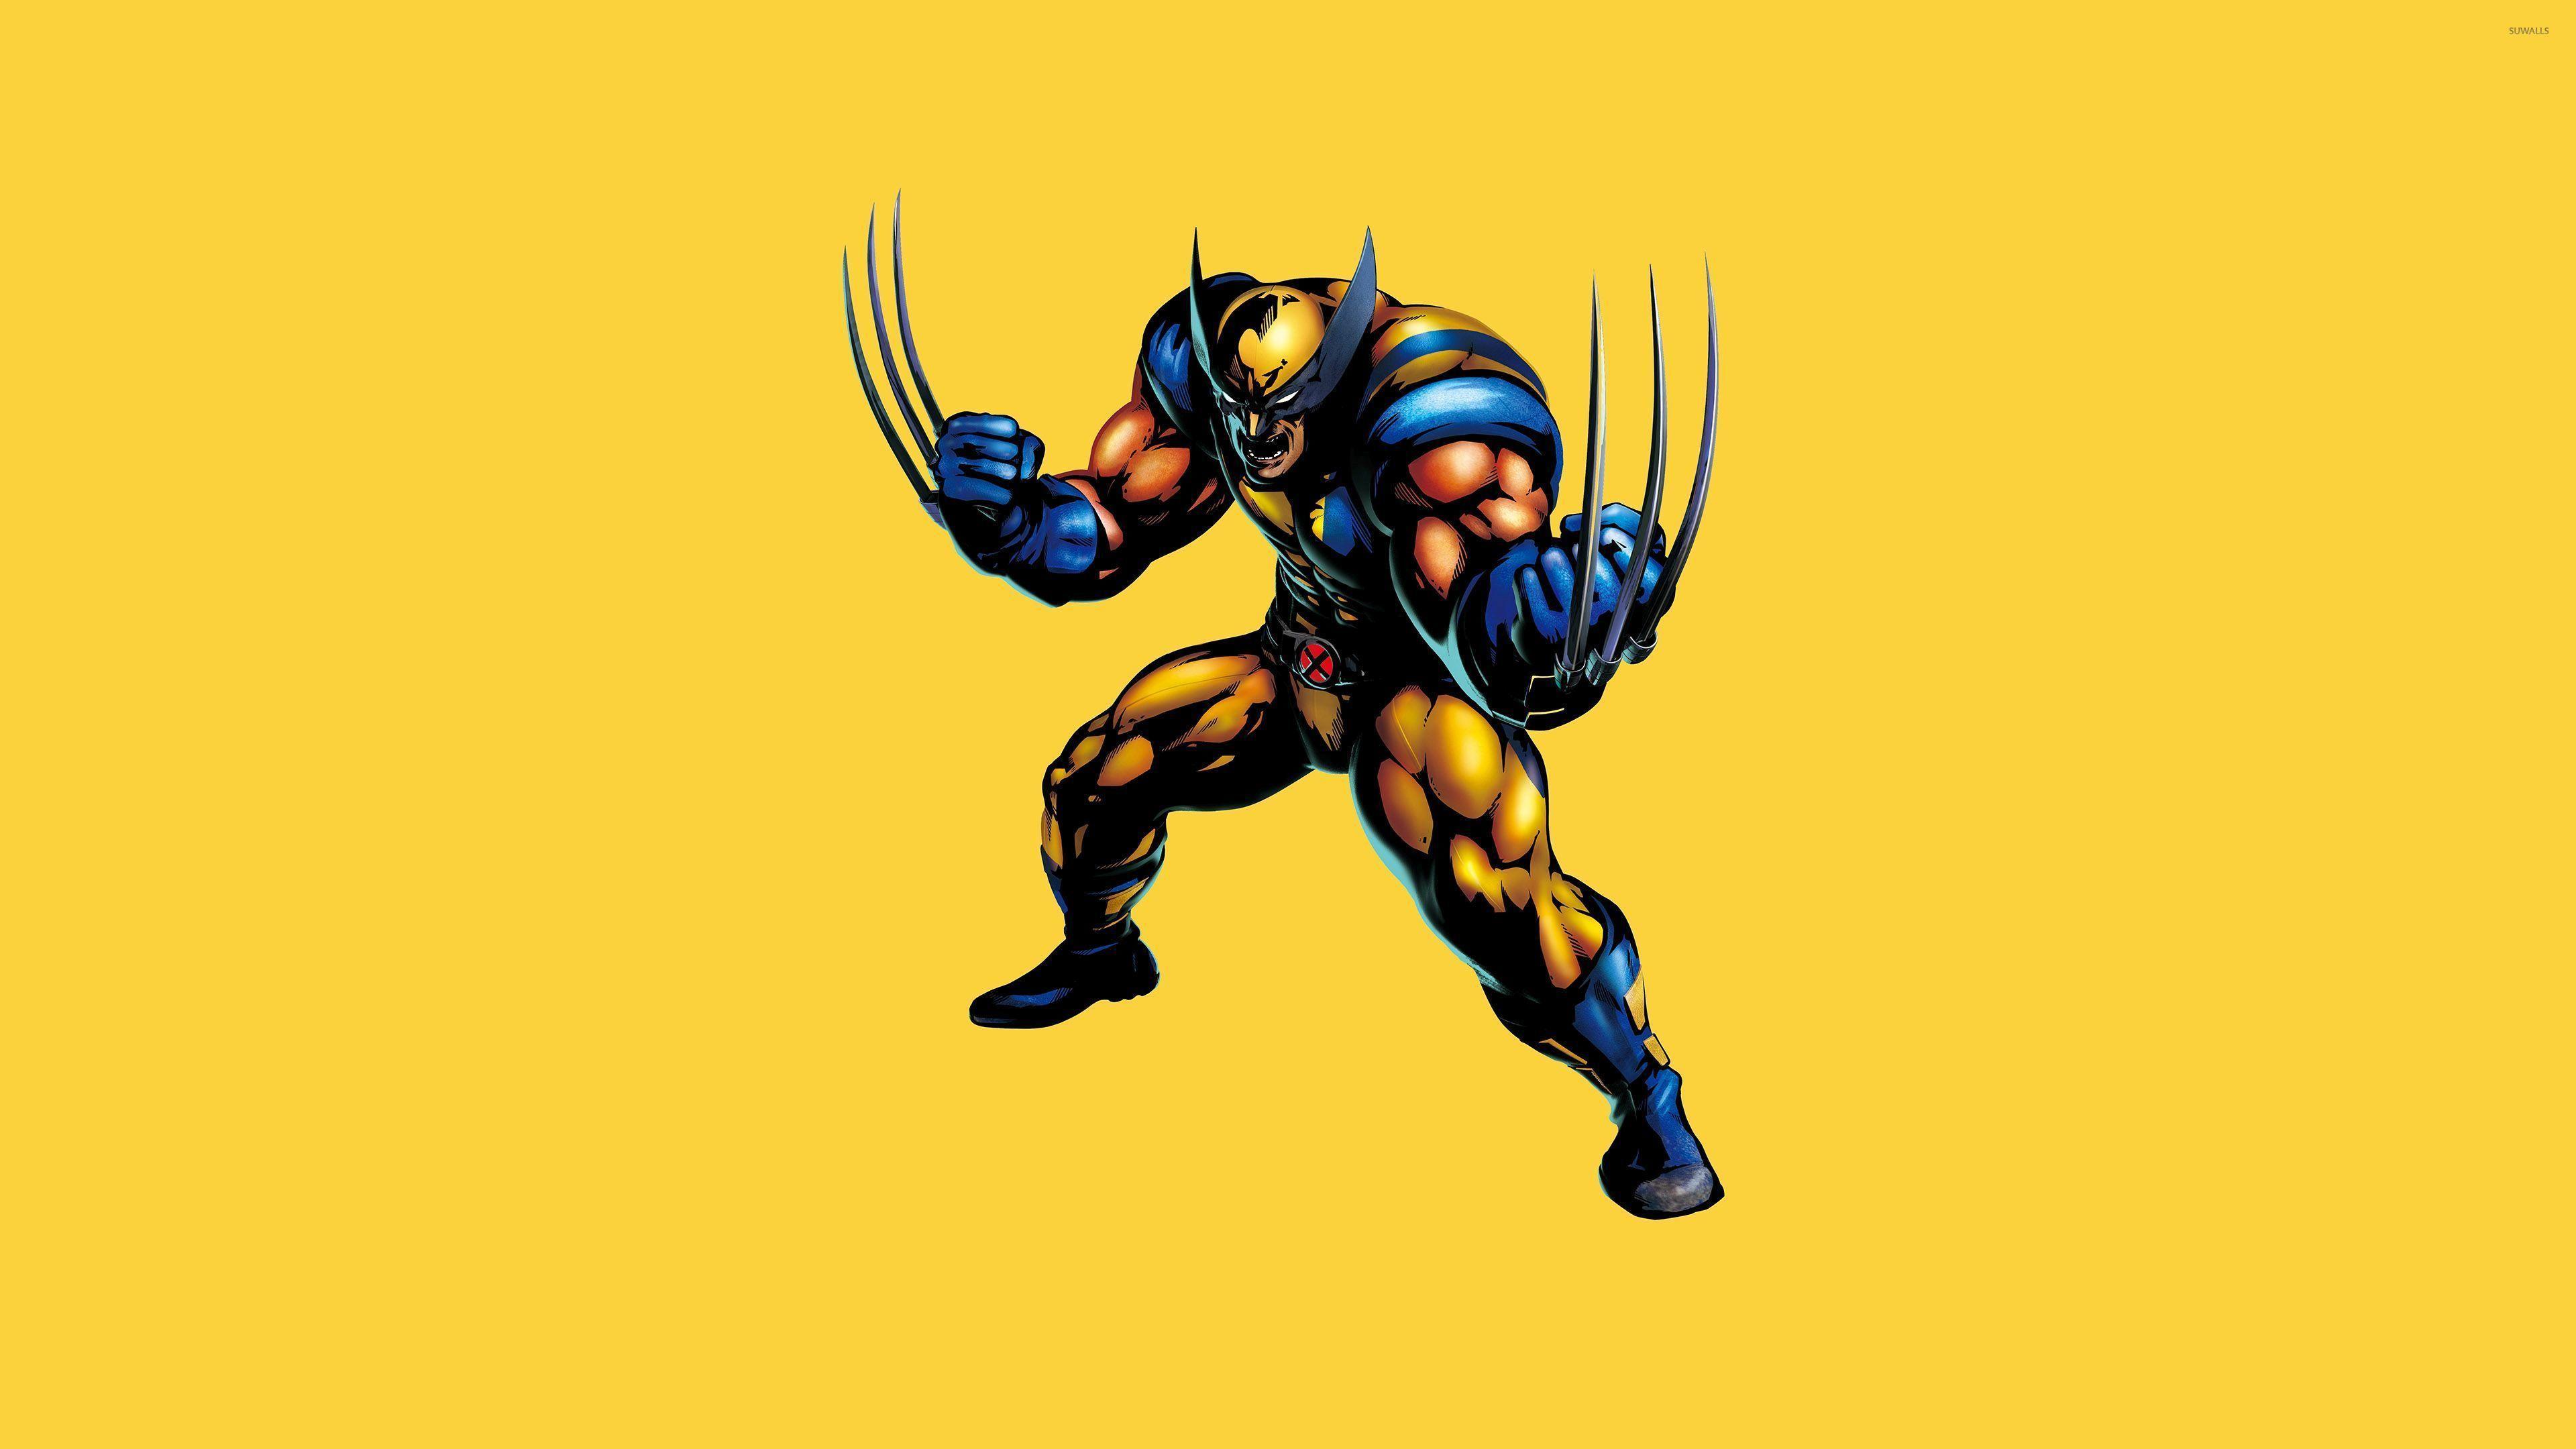 Wolverine cartoon wallpapers top free wolverine cartoon backgrounds wallpaperaccess - Wallpaper wolverine 4k ...